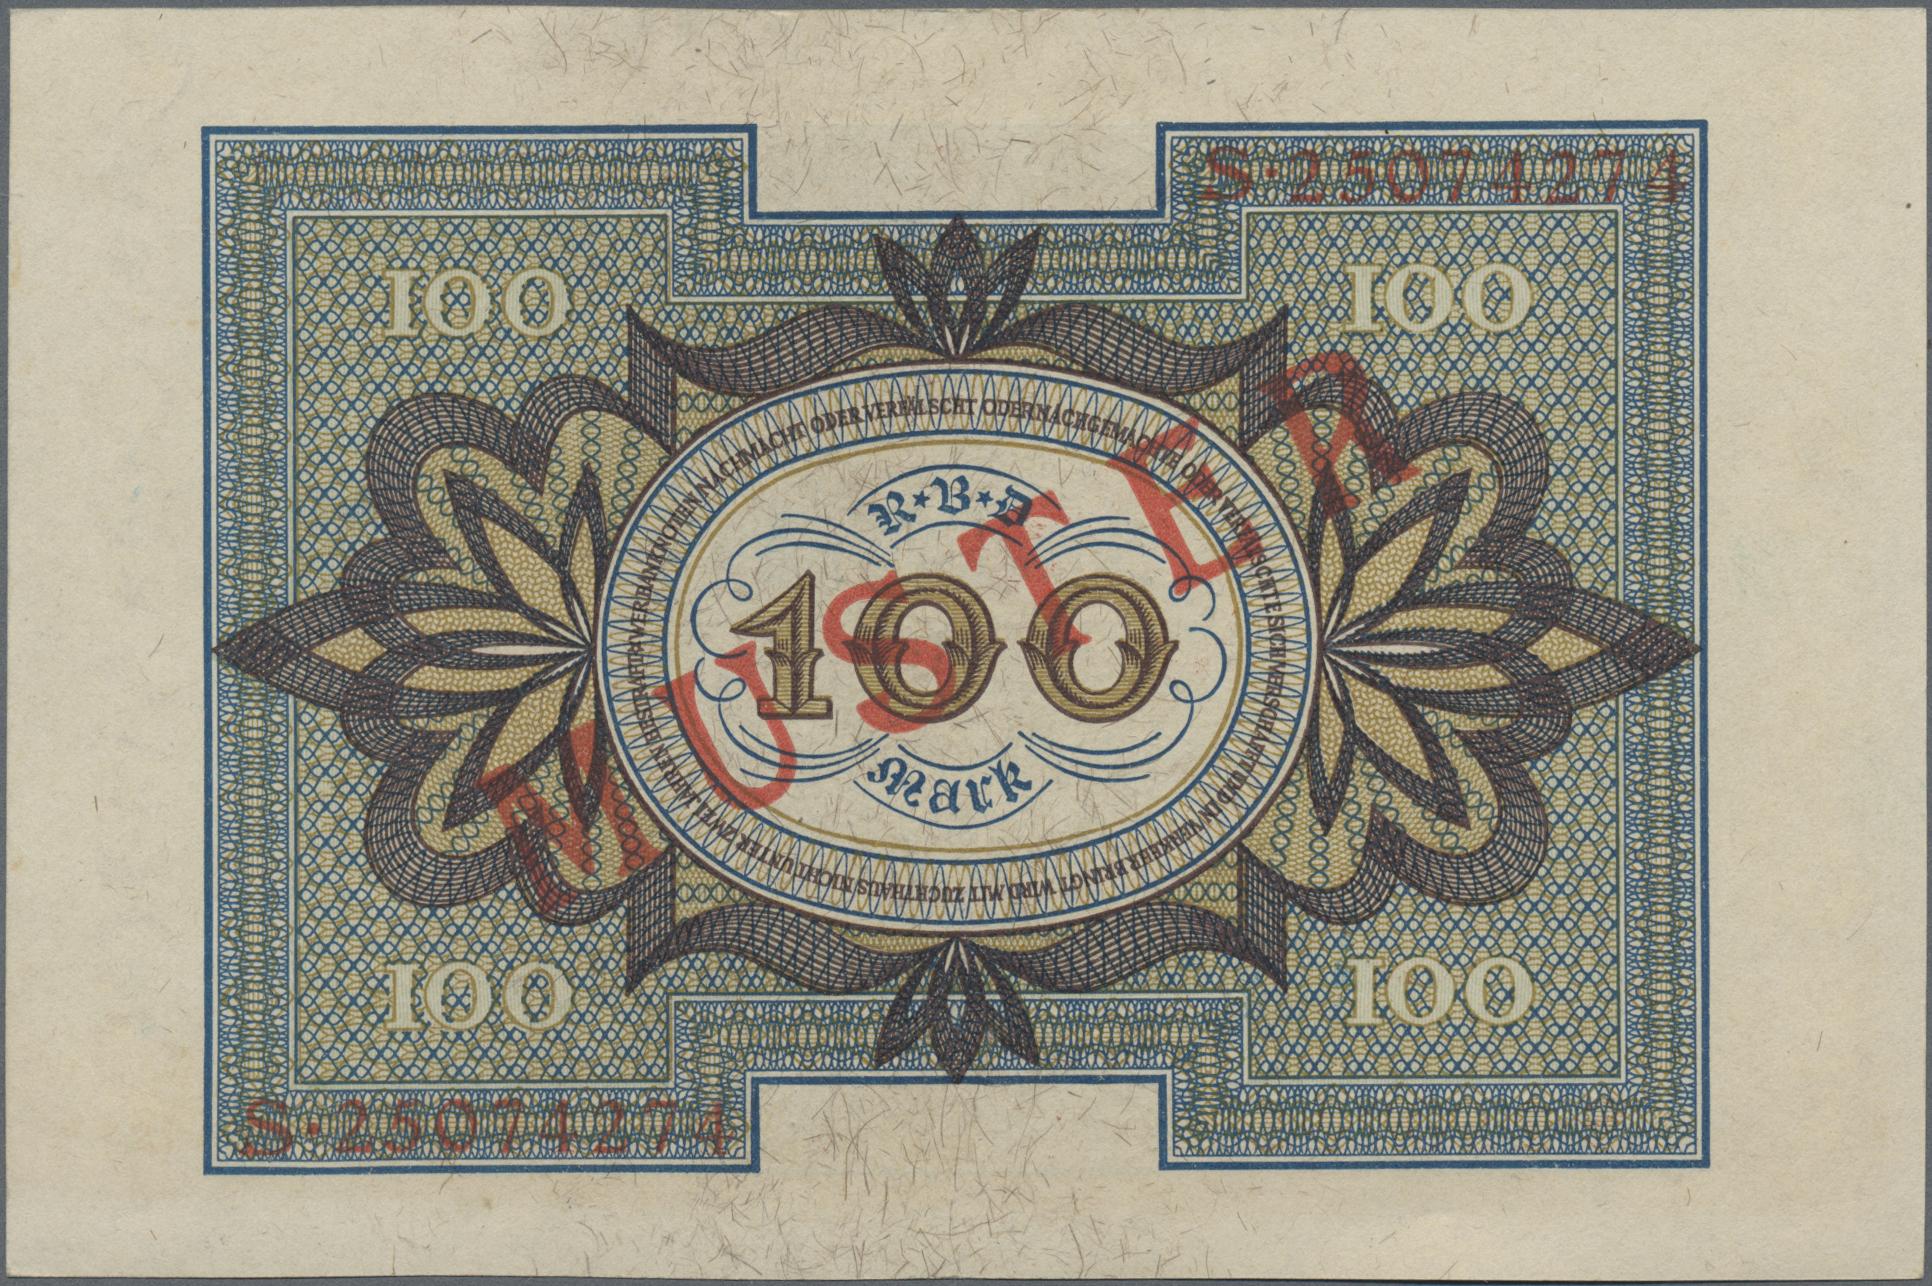 Lot 03327 - Deutschland - Deutsches Reich bis 1945 | Banknoten  -  Auktionshaus Christoph Gärtner GmbH & Co. KG Sale #45 Banknotes Germany/Numismatics